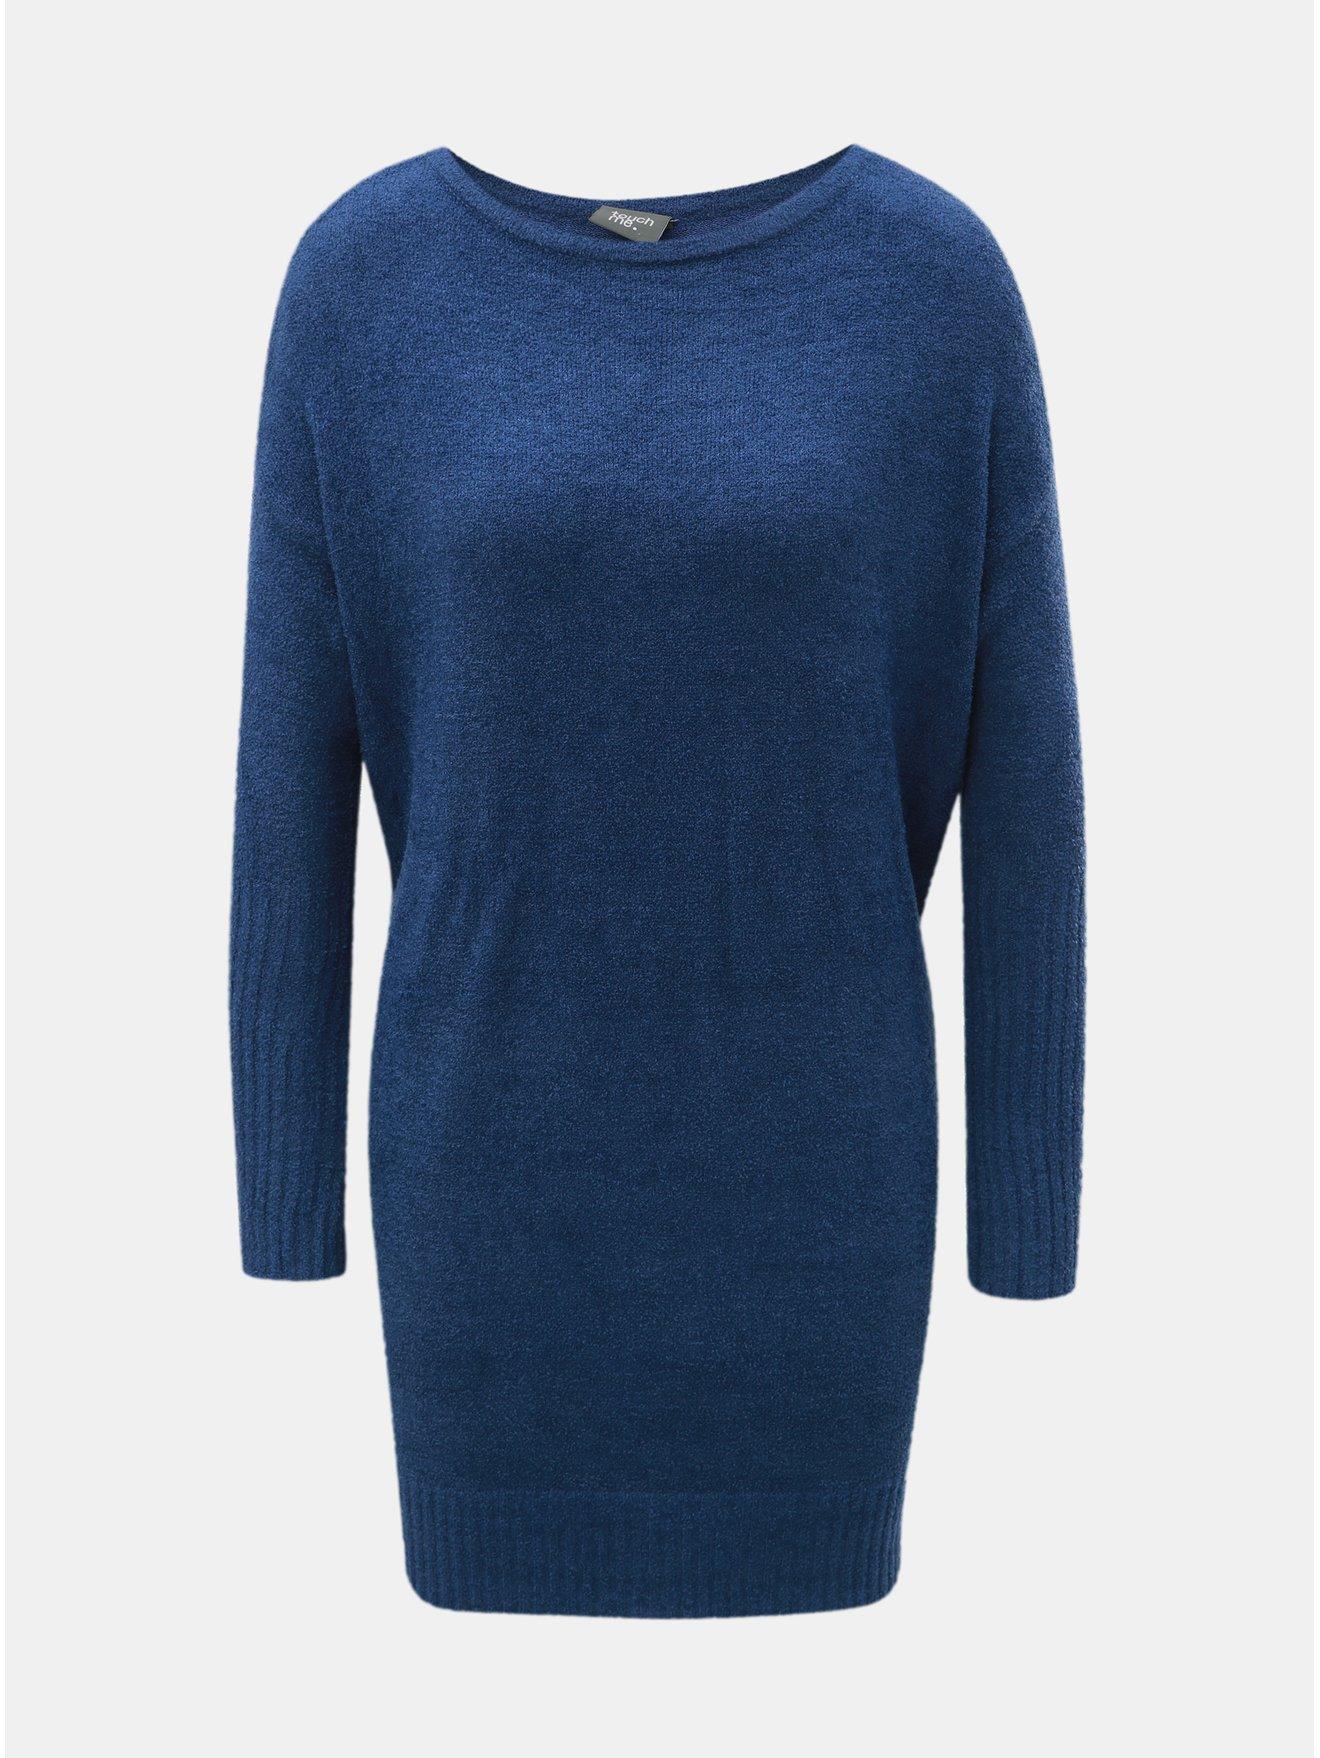 Modré svetrové minišaty s dlouhým rukávem a zavazováním touch me. cf74416b91